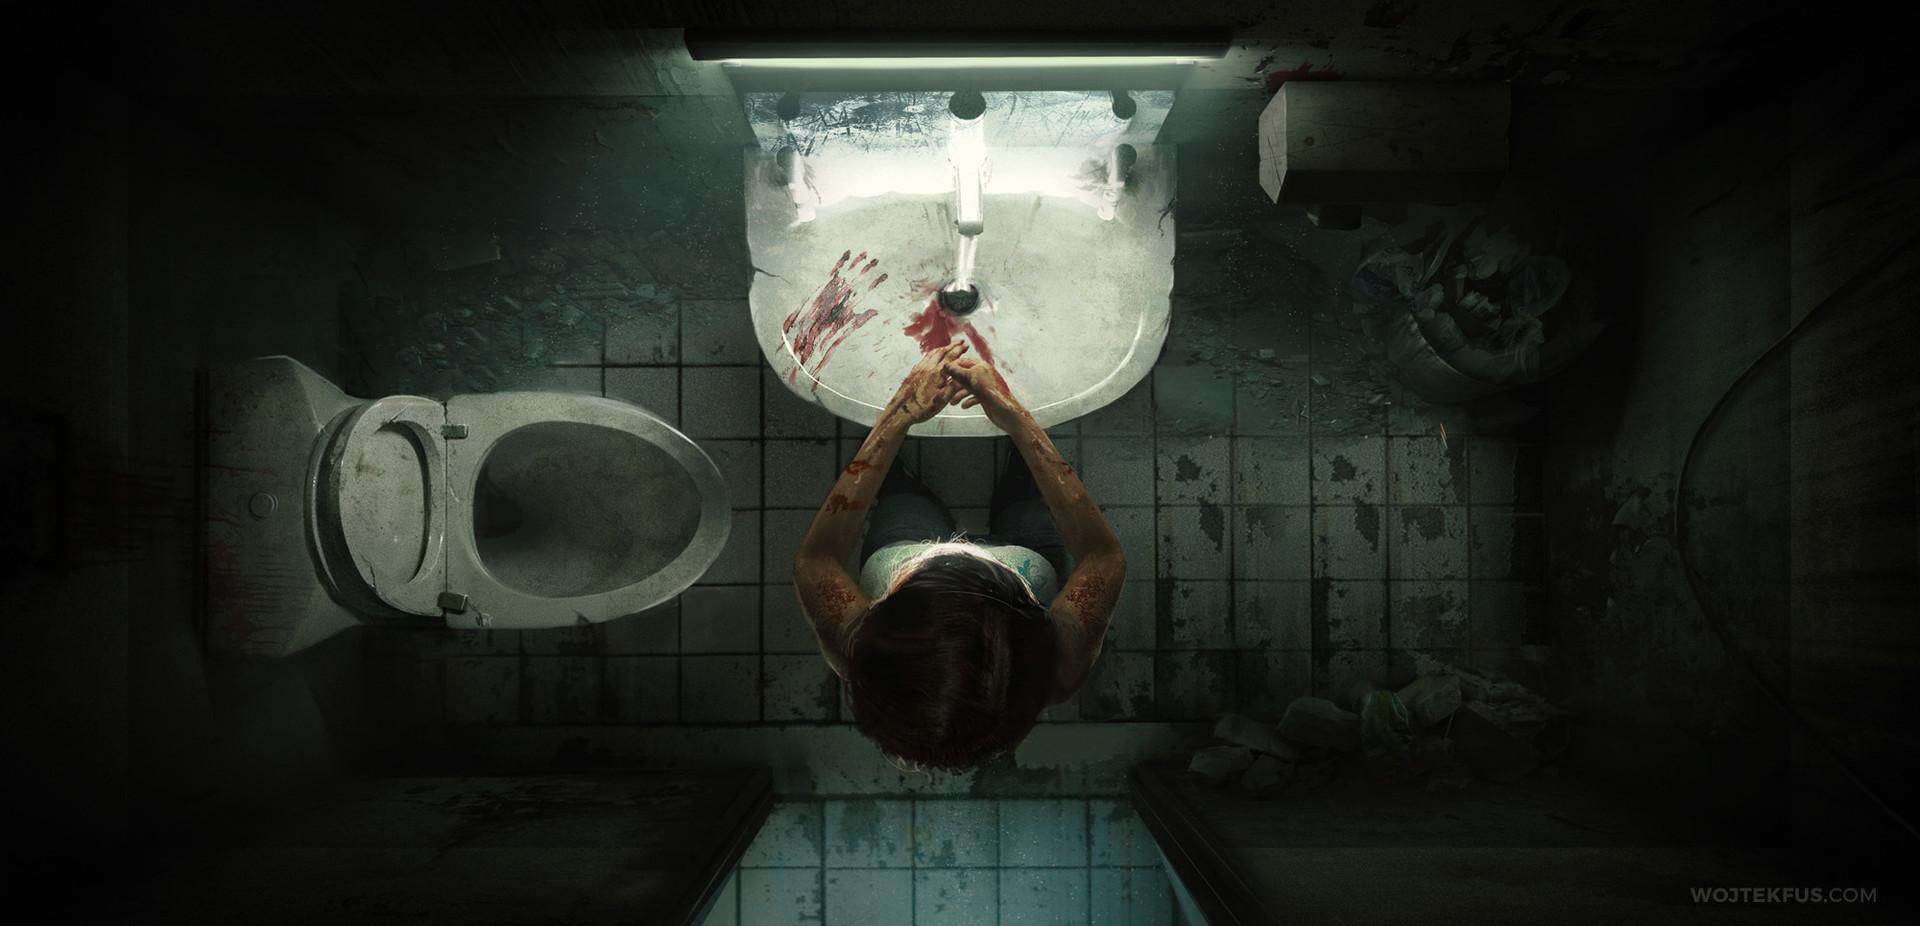 Wojtek fus restroom keyframe fus v04